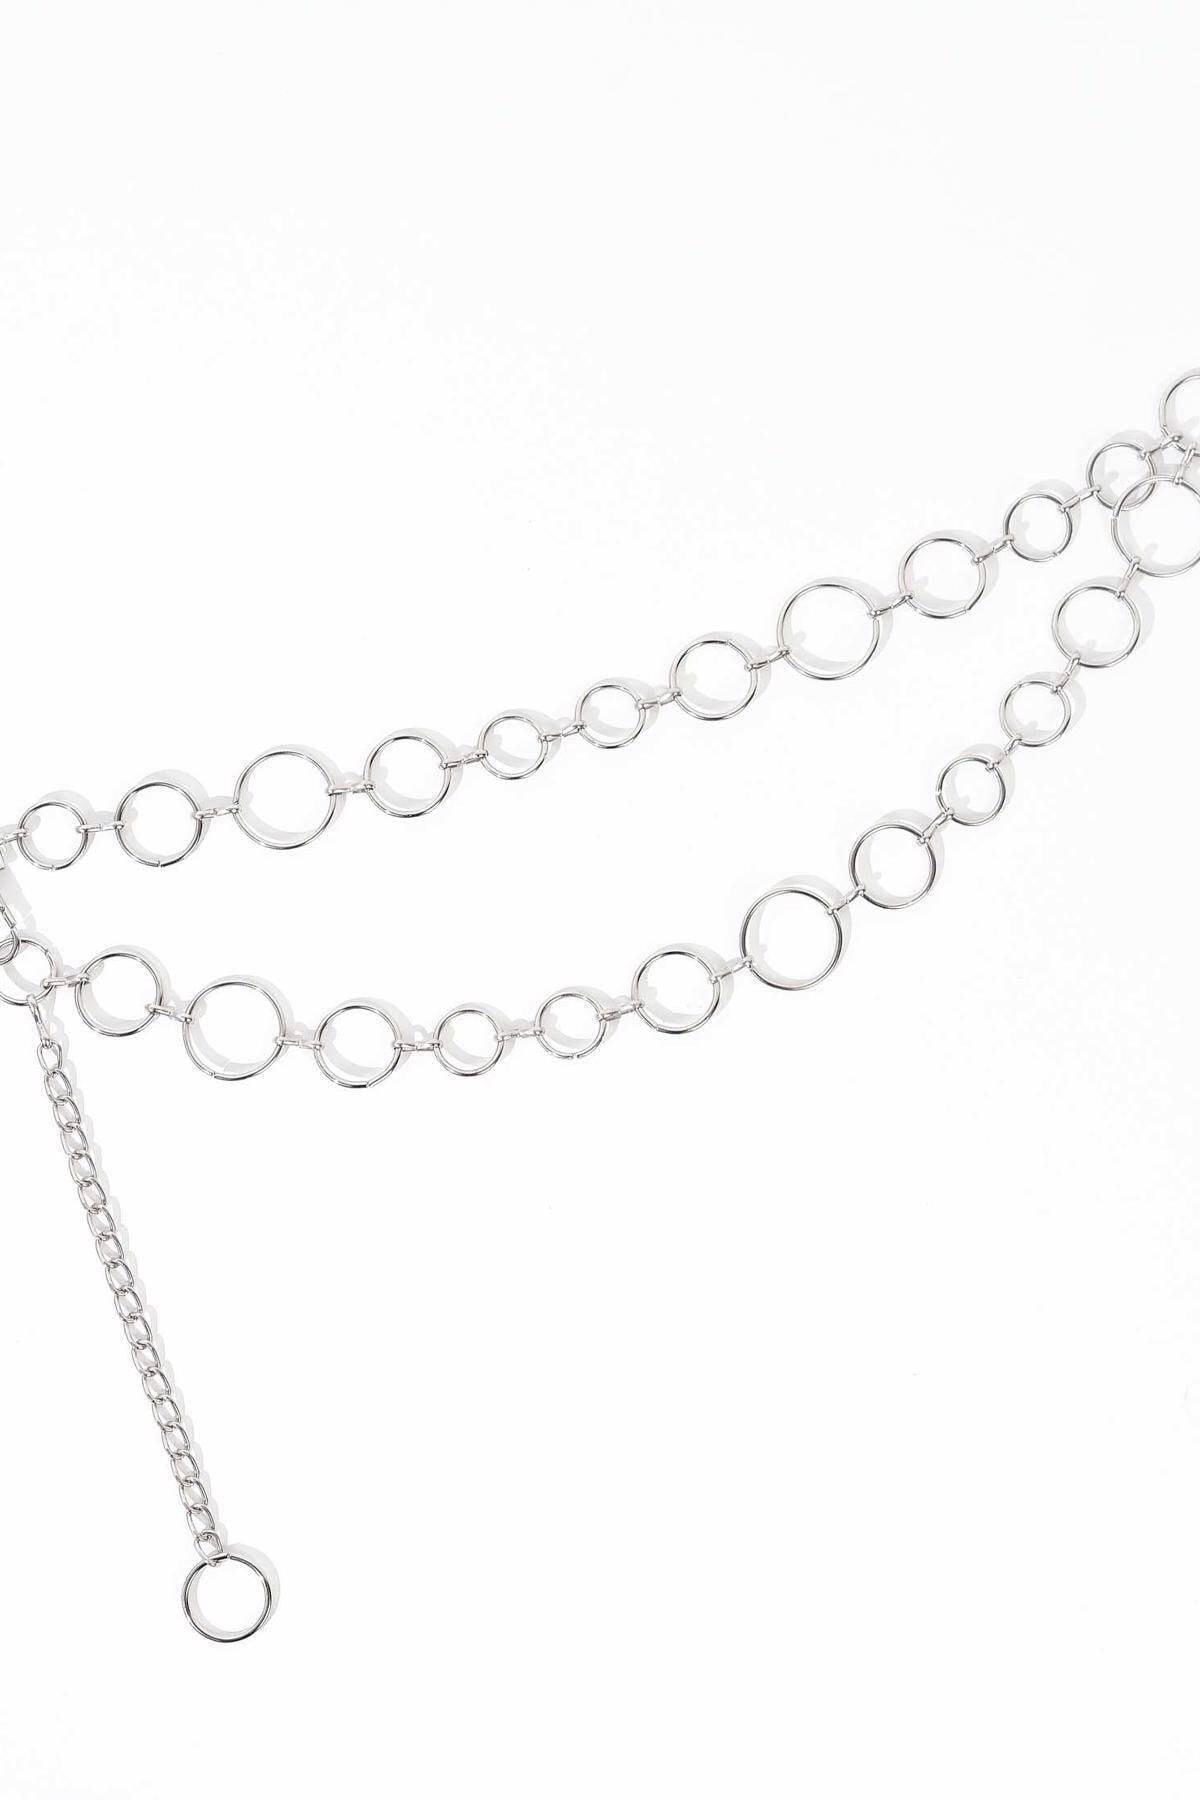 Addax Kadın Gümüş Zincir Zncr11 - K2 Adx-0000019991 2